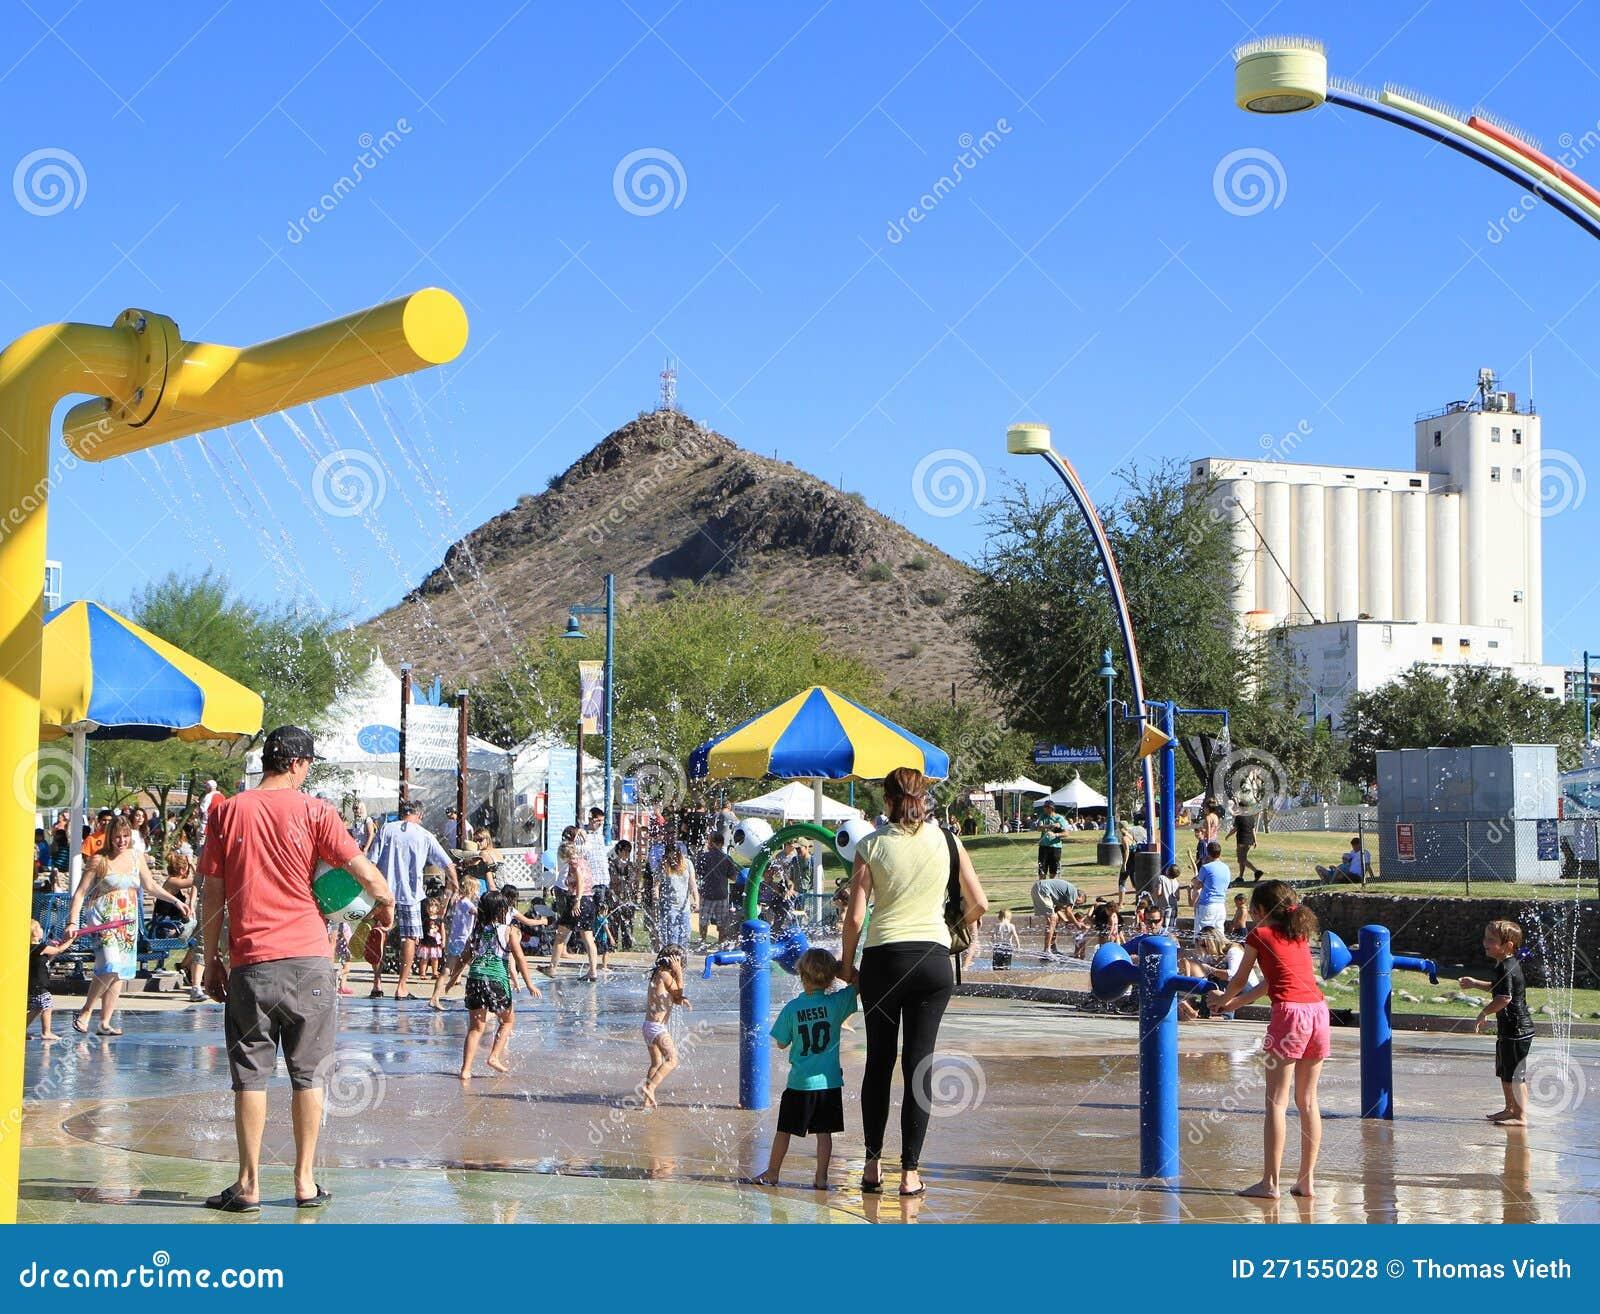 在儿童的游乐场的水乐趣